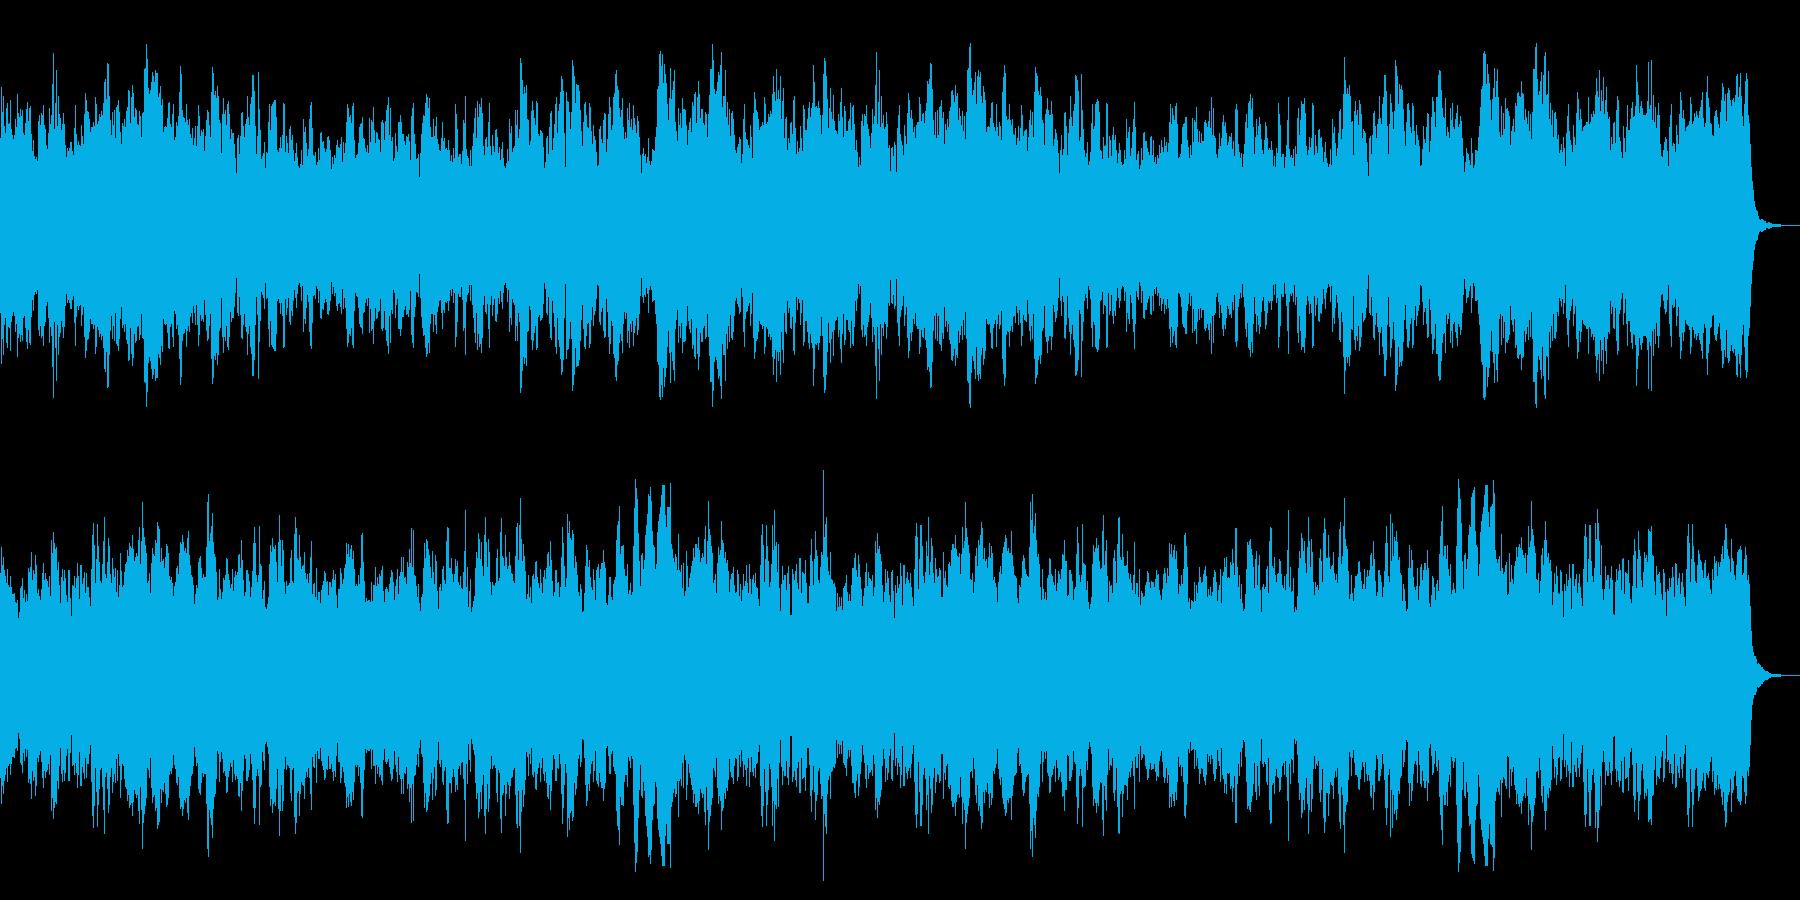 不気味なホラーBGM 迷い恐れ恐怖ダークの再生済みの波形